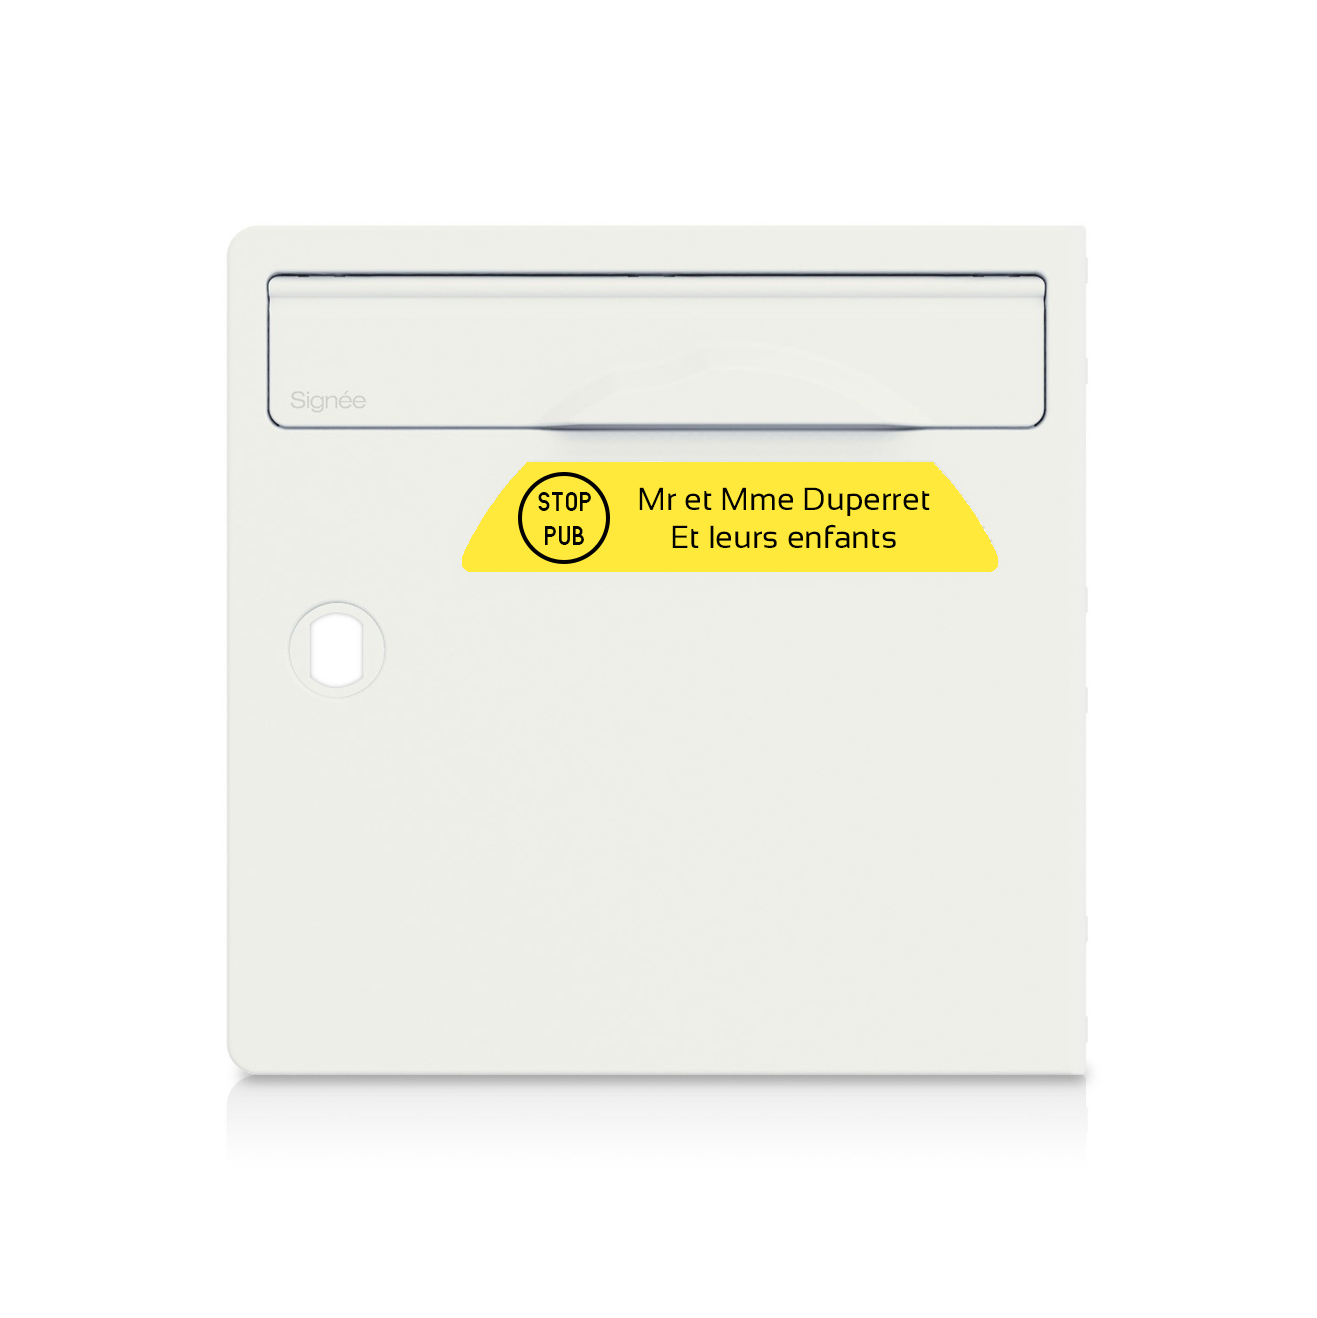 plaque boite aux lettres Signée STOP PUB jaune lettres noires - 2 lignes